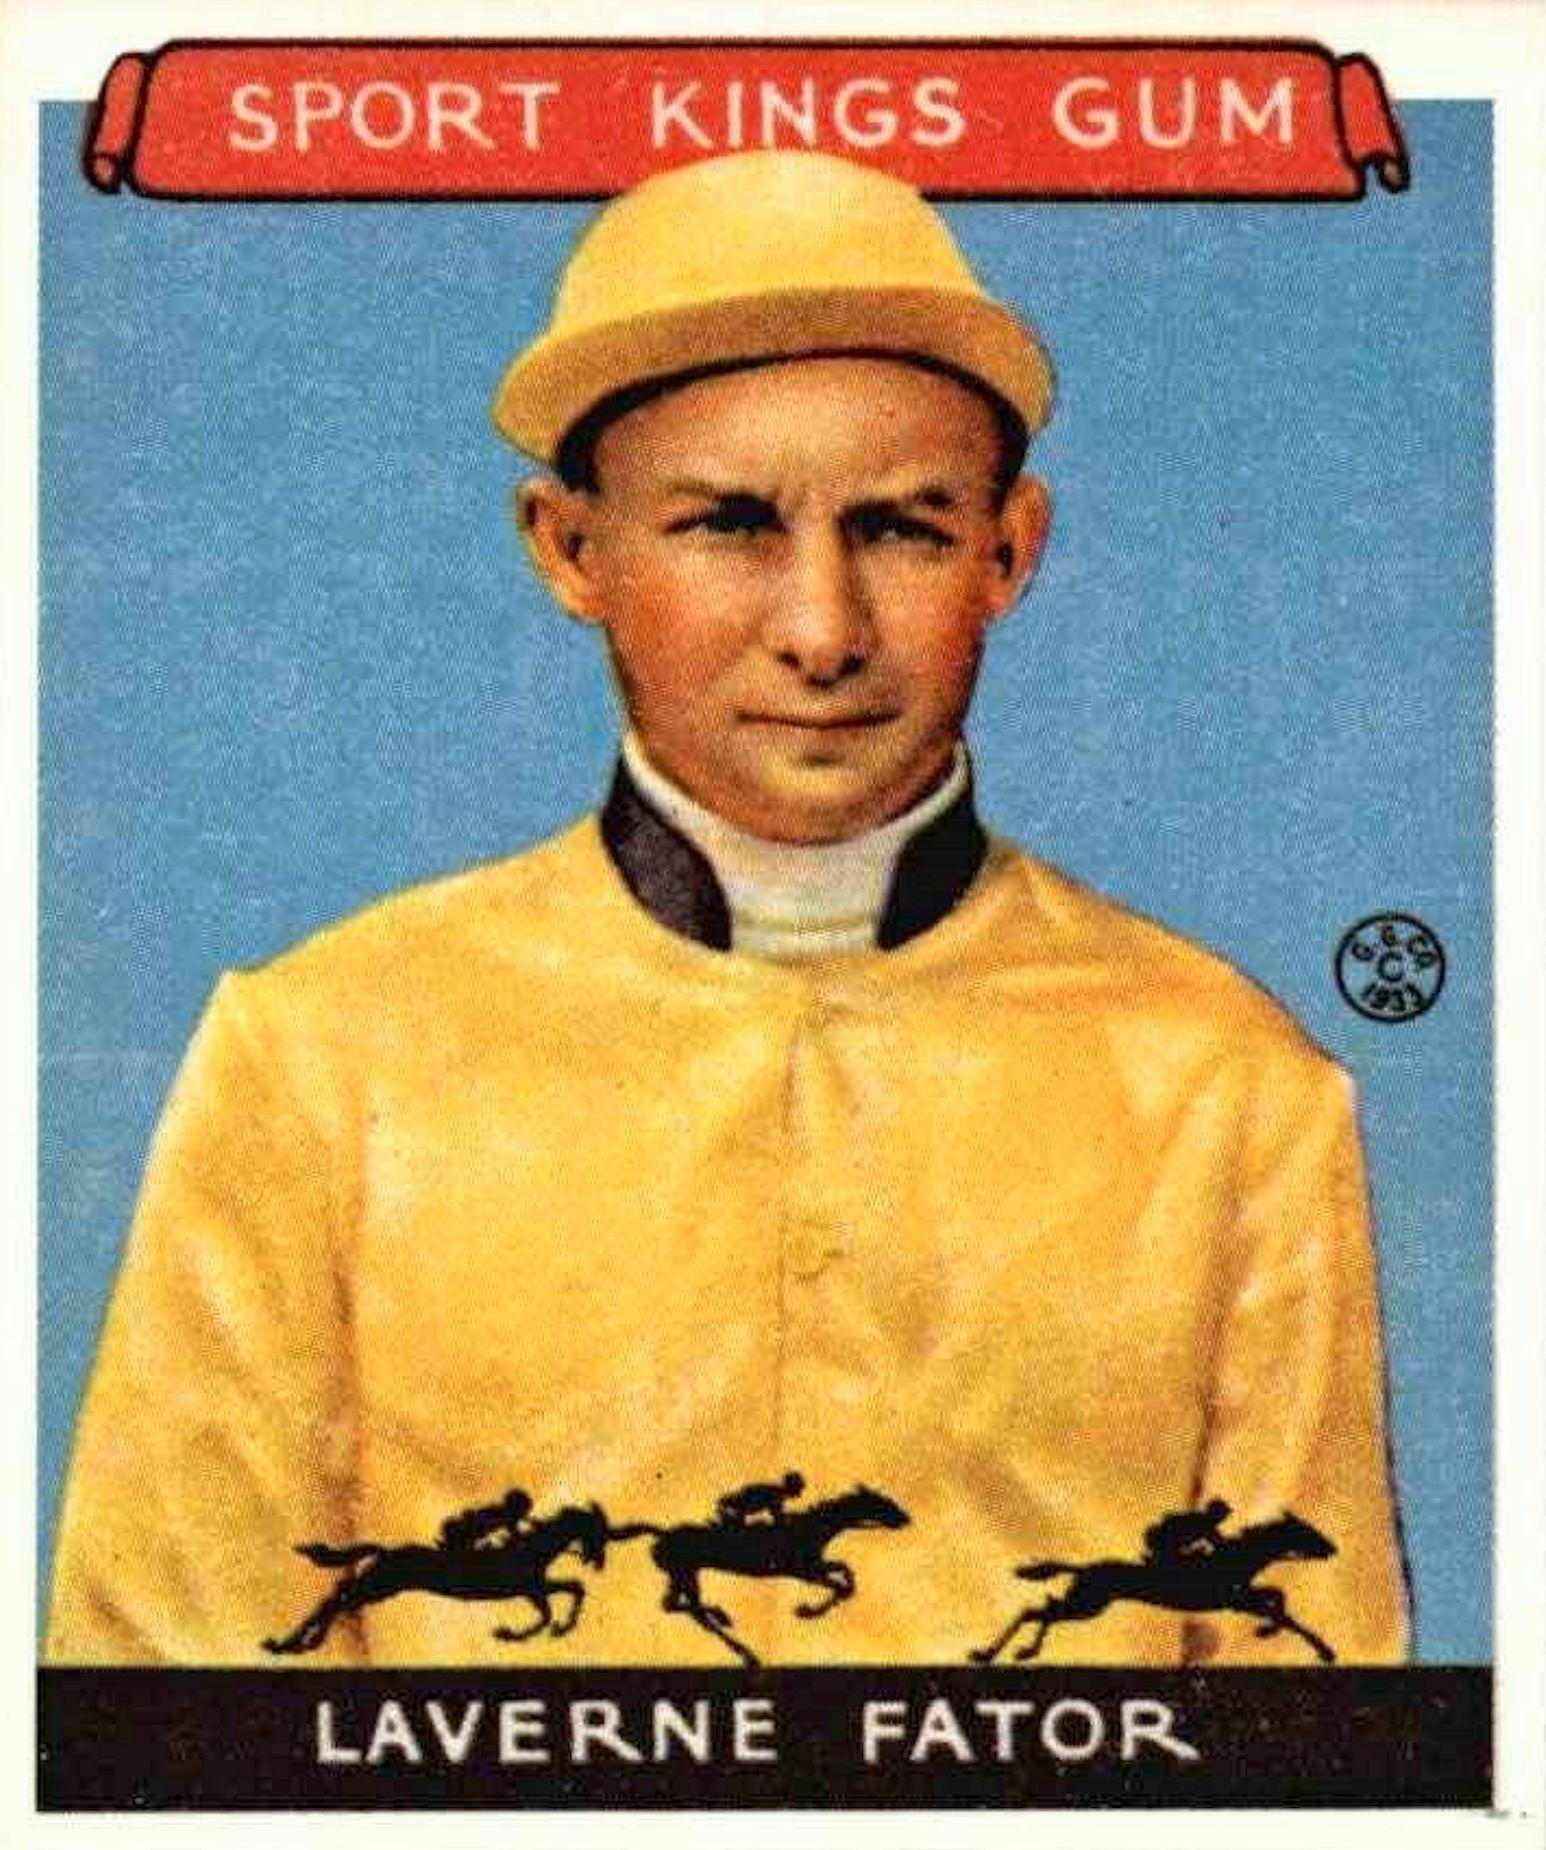 Laverne Fator, 1933 Sport Kings jockey card